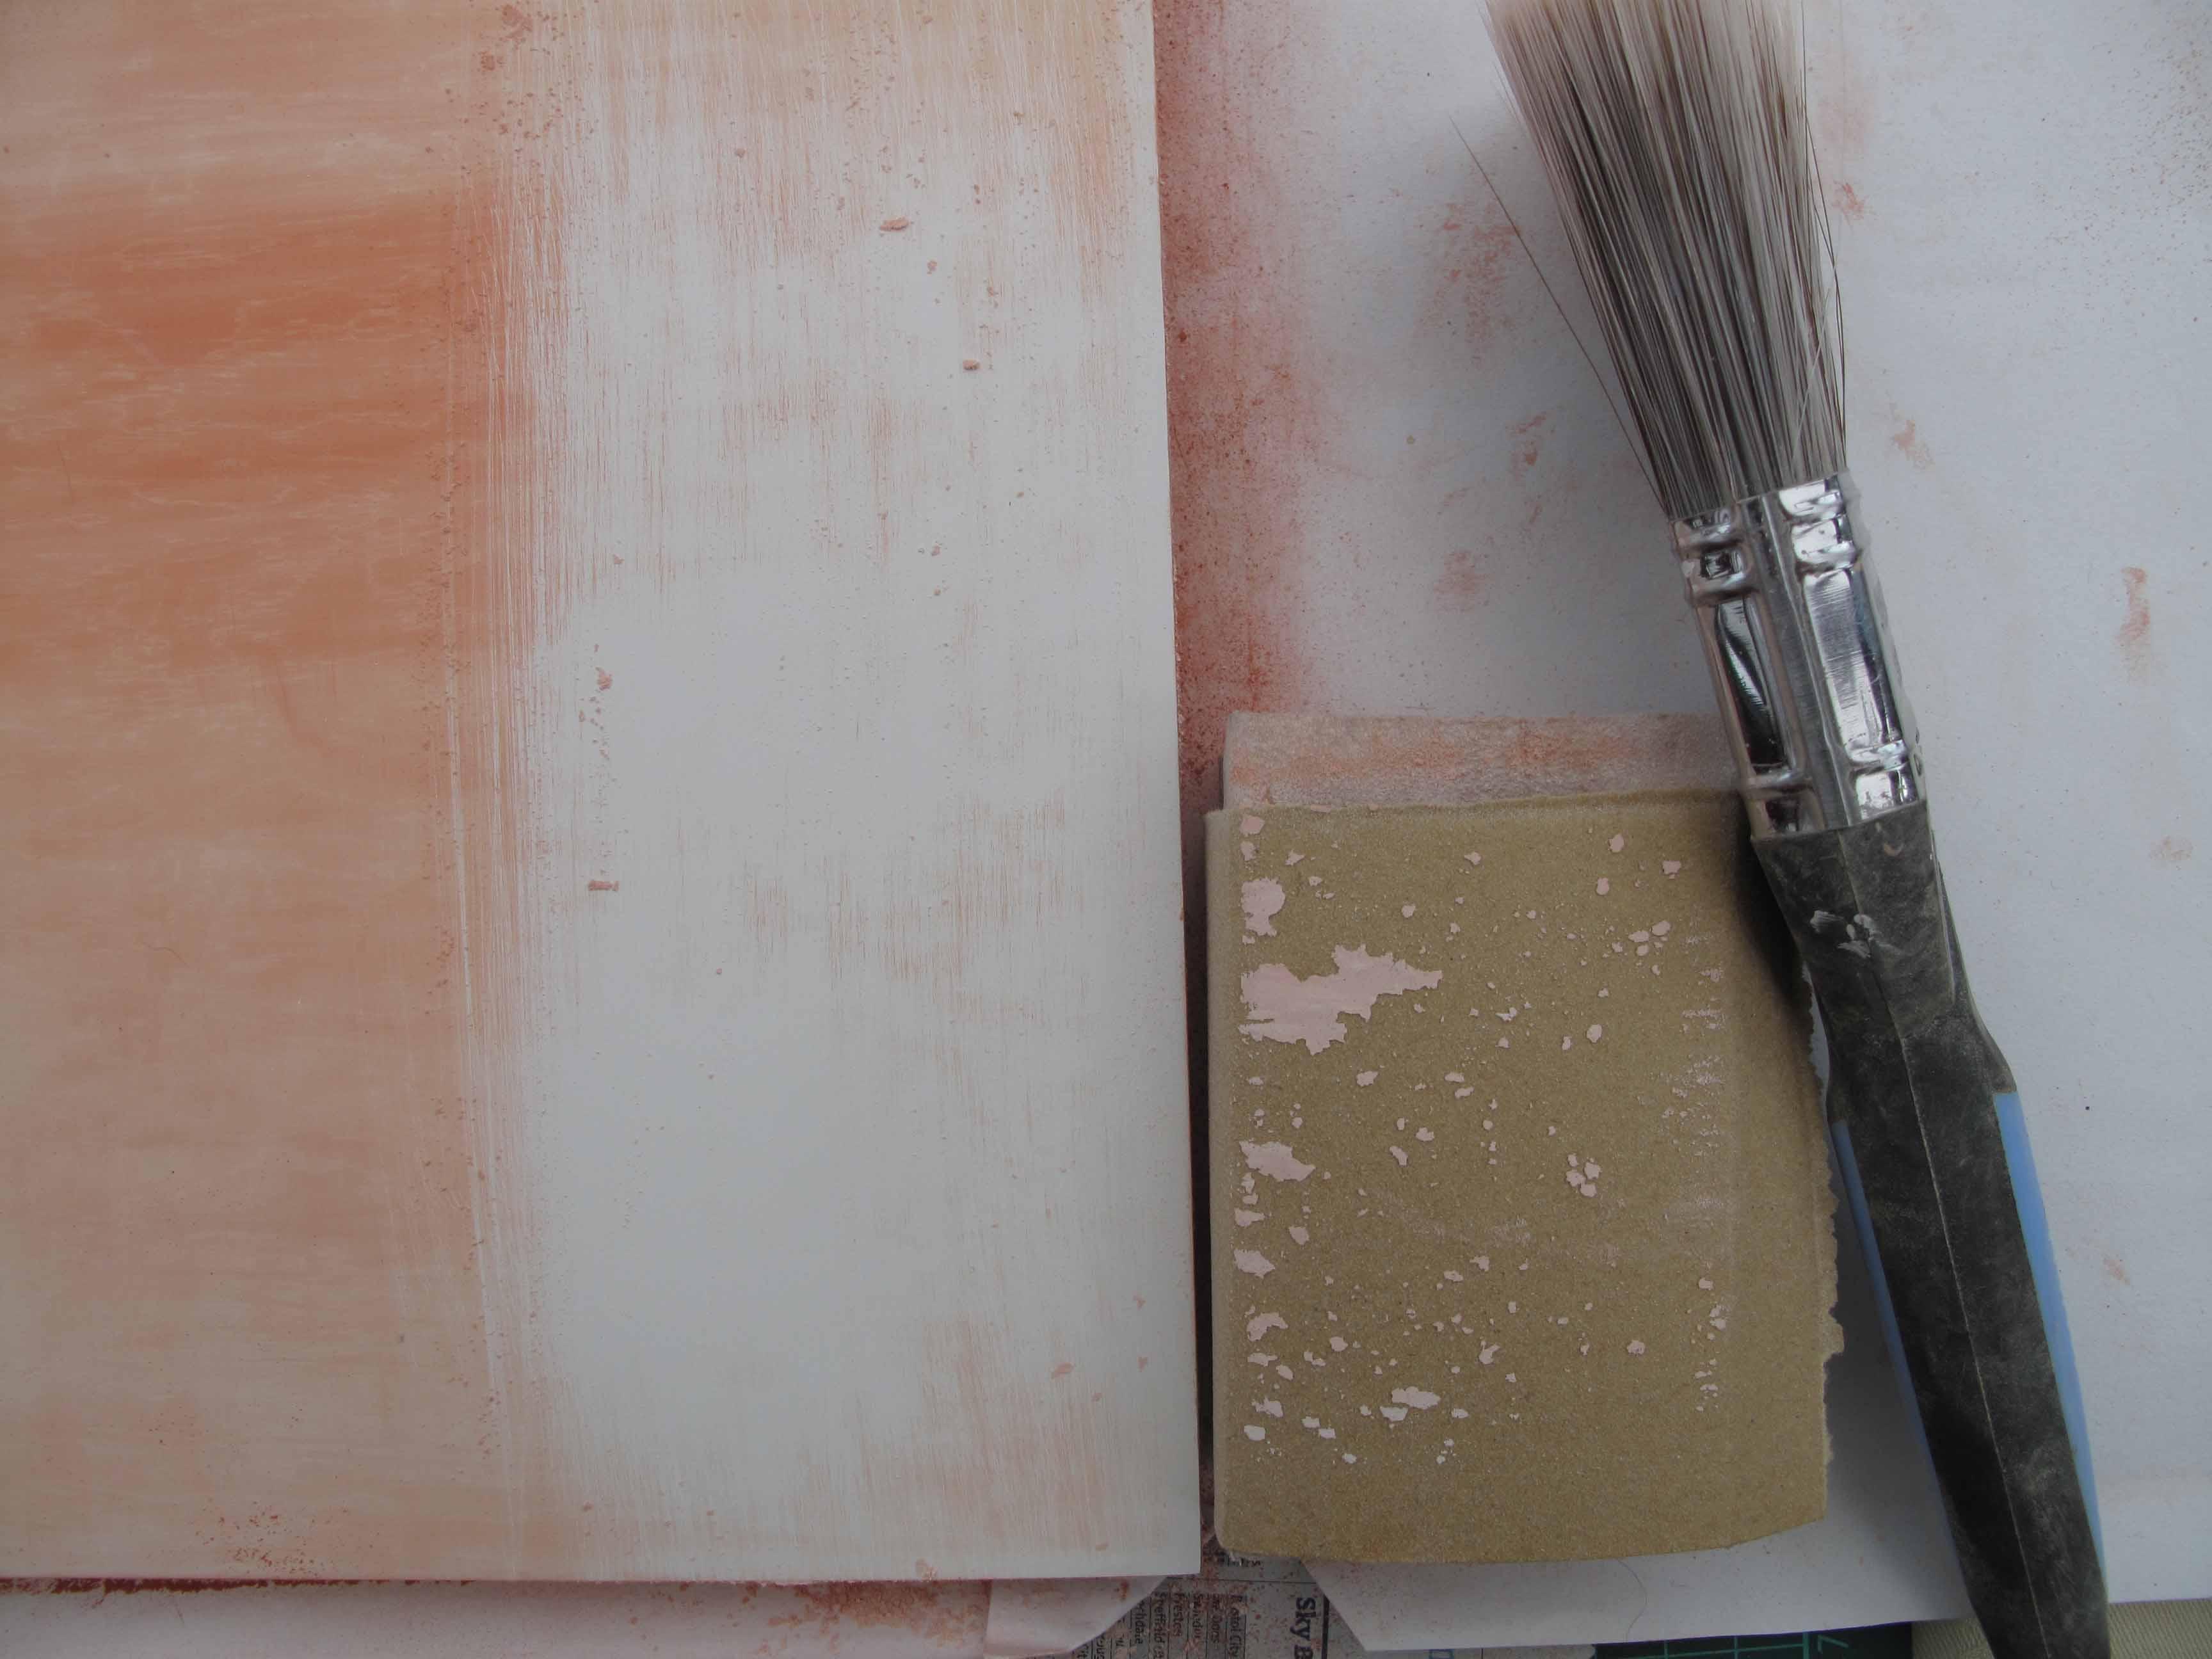 brusgh off clogged sandpaper